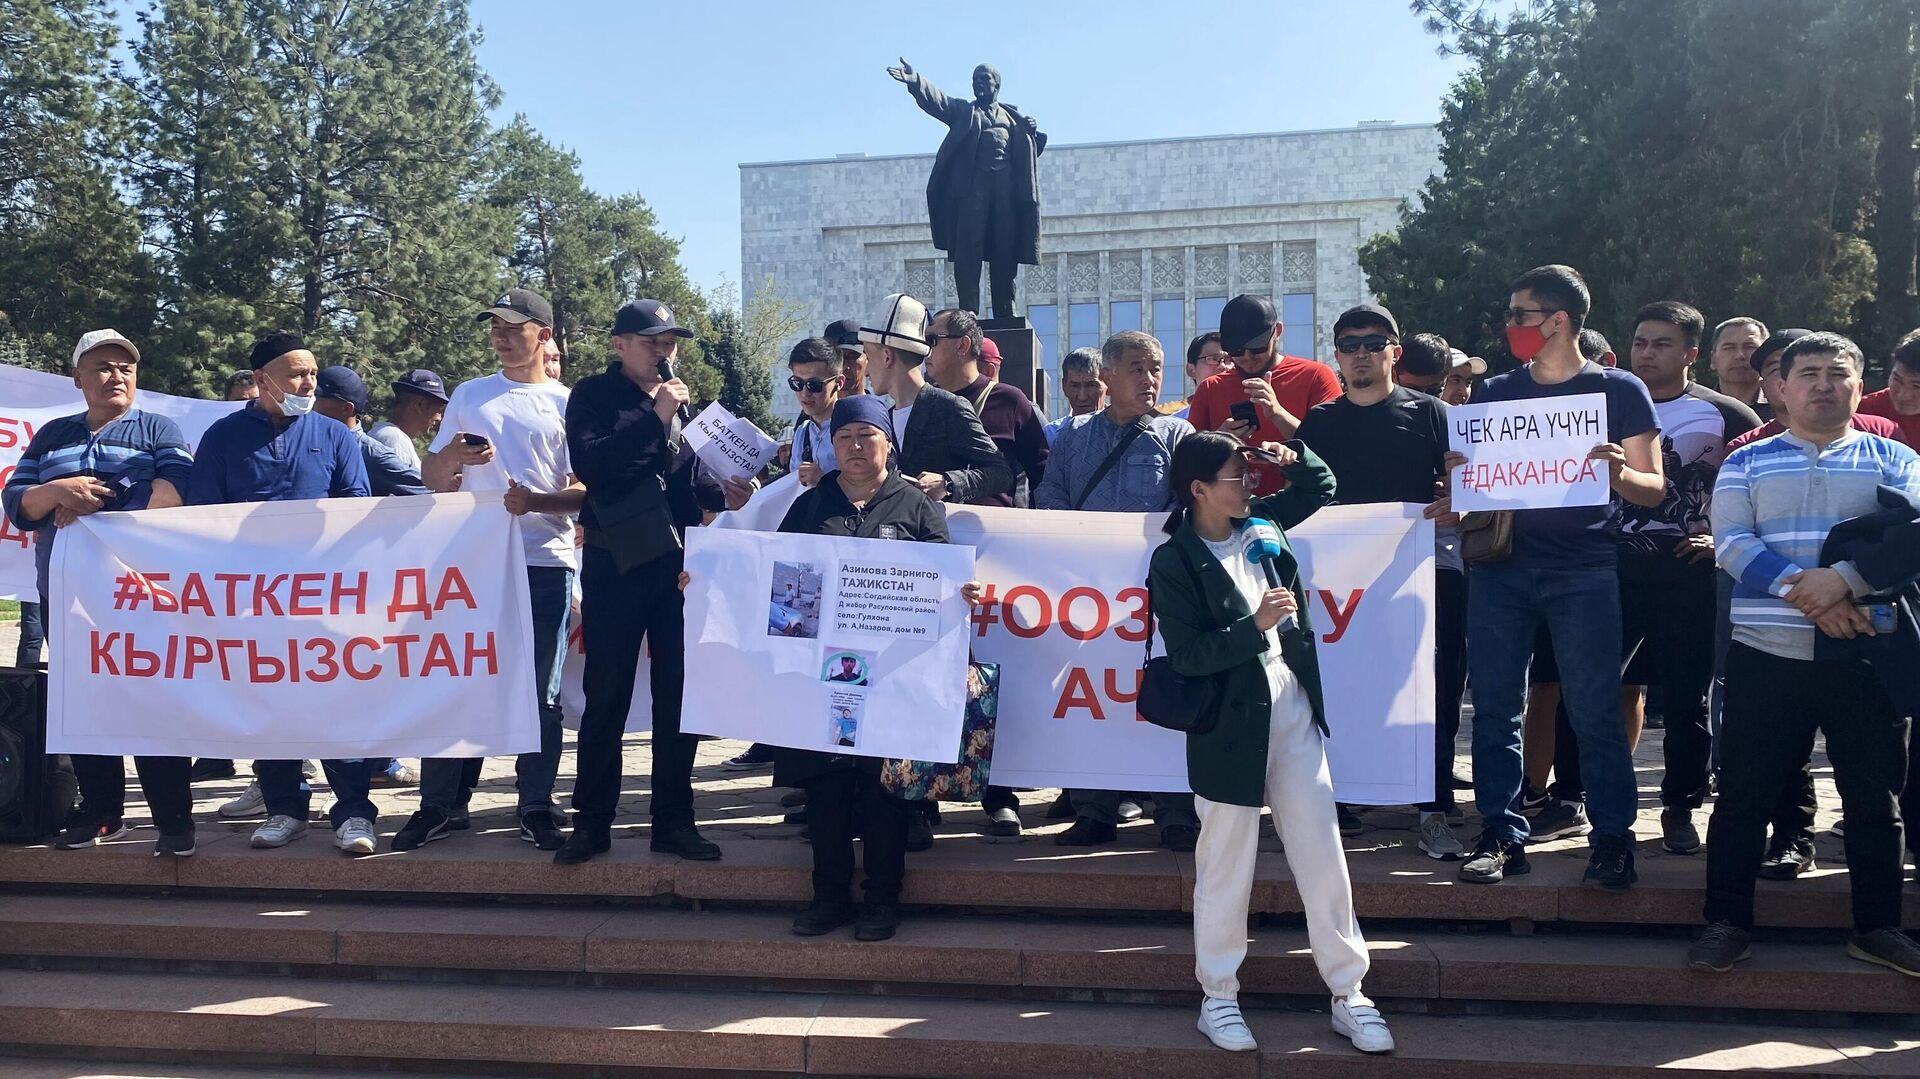 Участники митинга возле Дома правительства Киргизии в Бишкеке с требованием урегулировать ситуацию на границе с Таджикистаном - РИА Новости, 1920, 01.05.2021